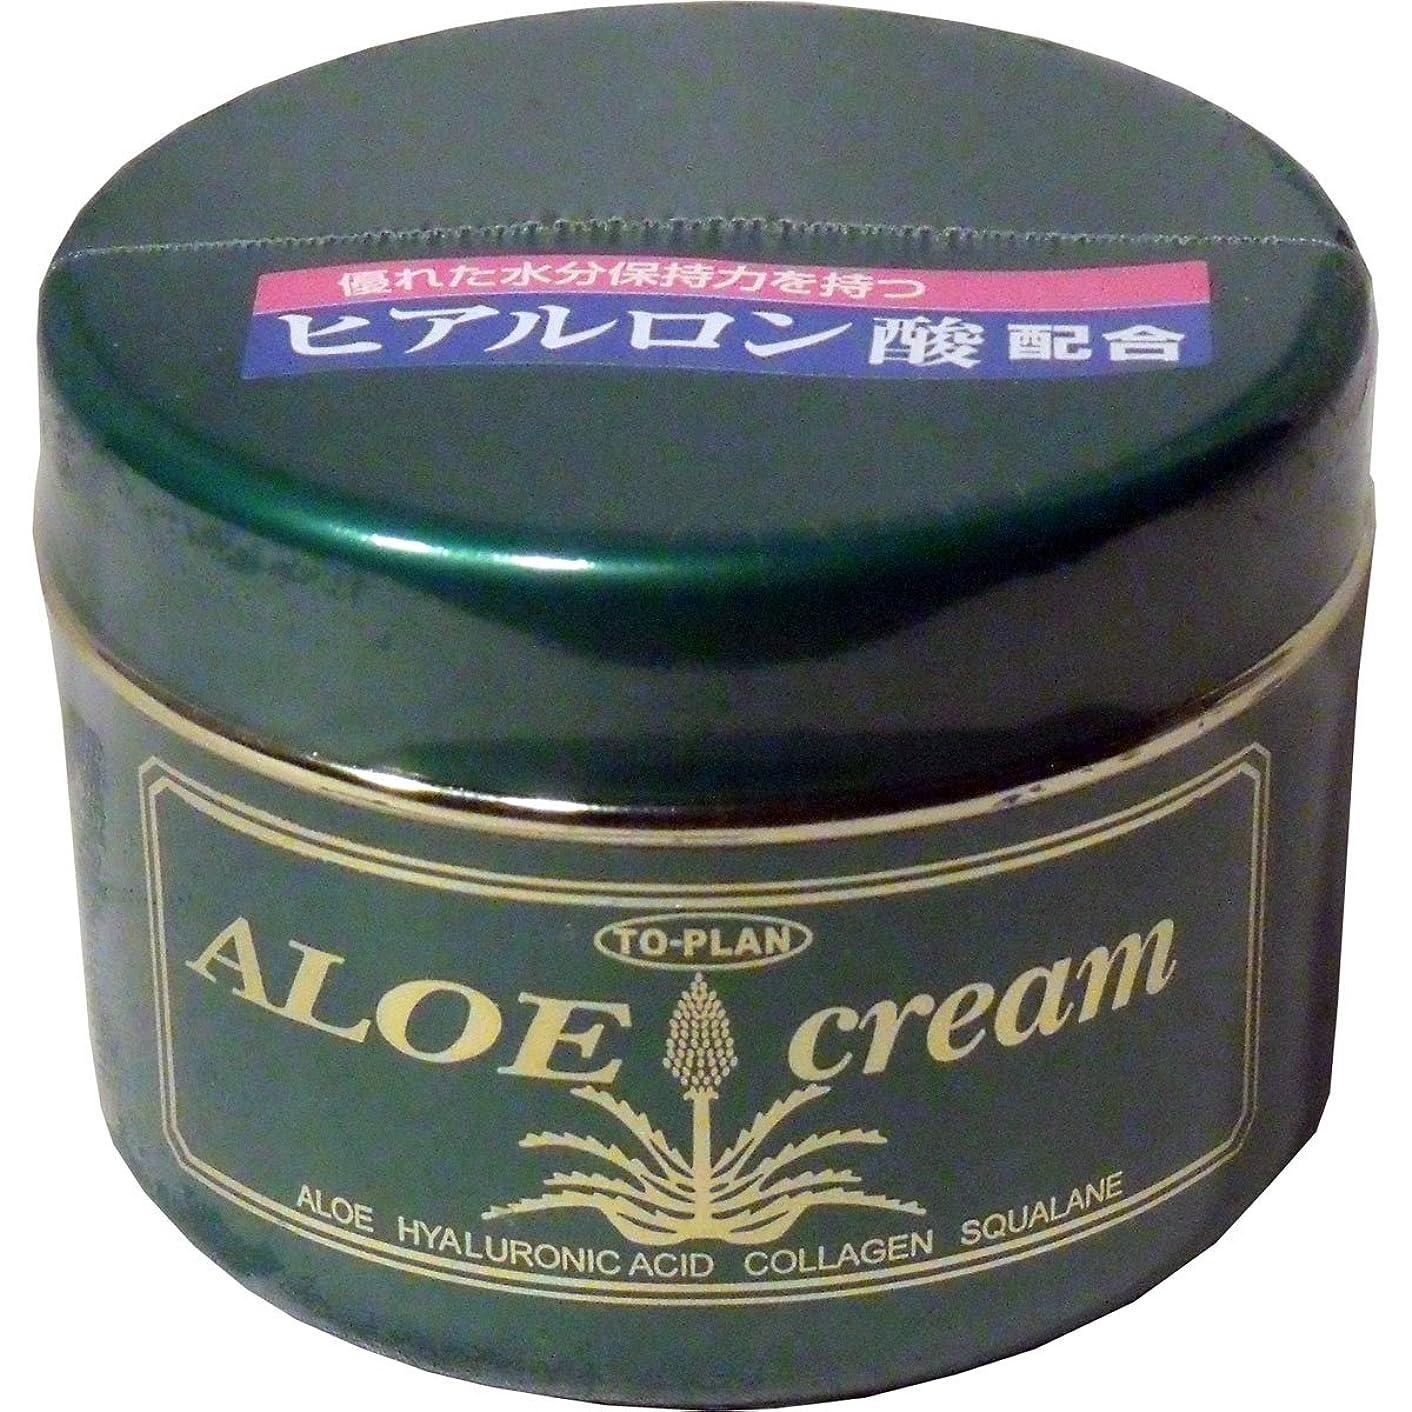 遅滞幼児振動させるトプラン ハーブフレッシュクリーム(アロエクリーム) ヒアルロン酸 170g ×10個セット